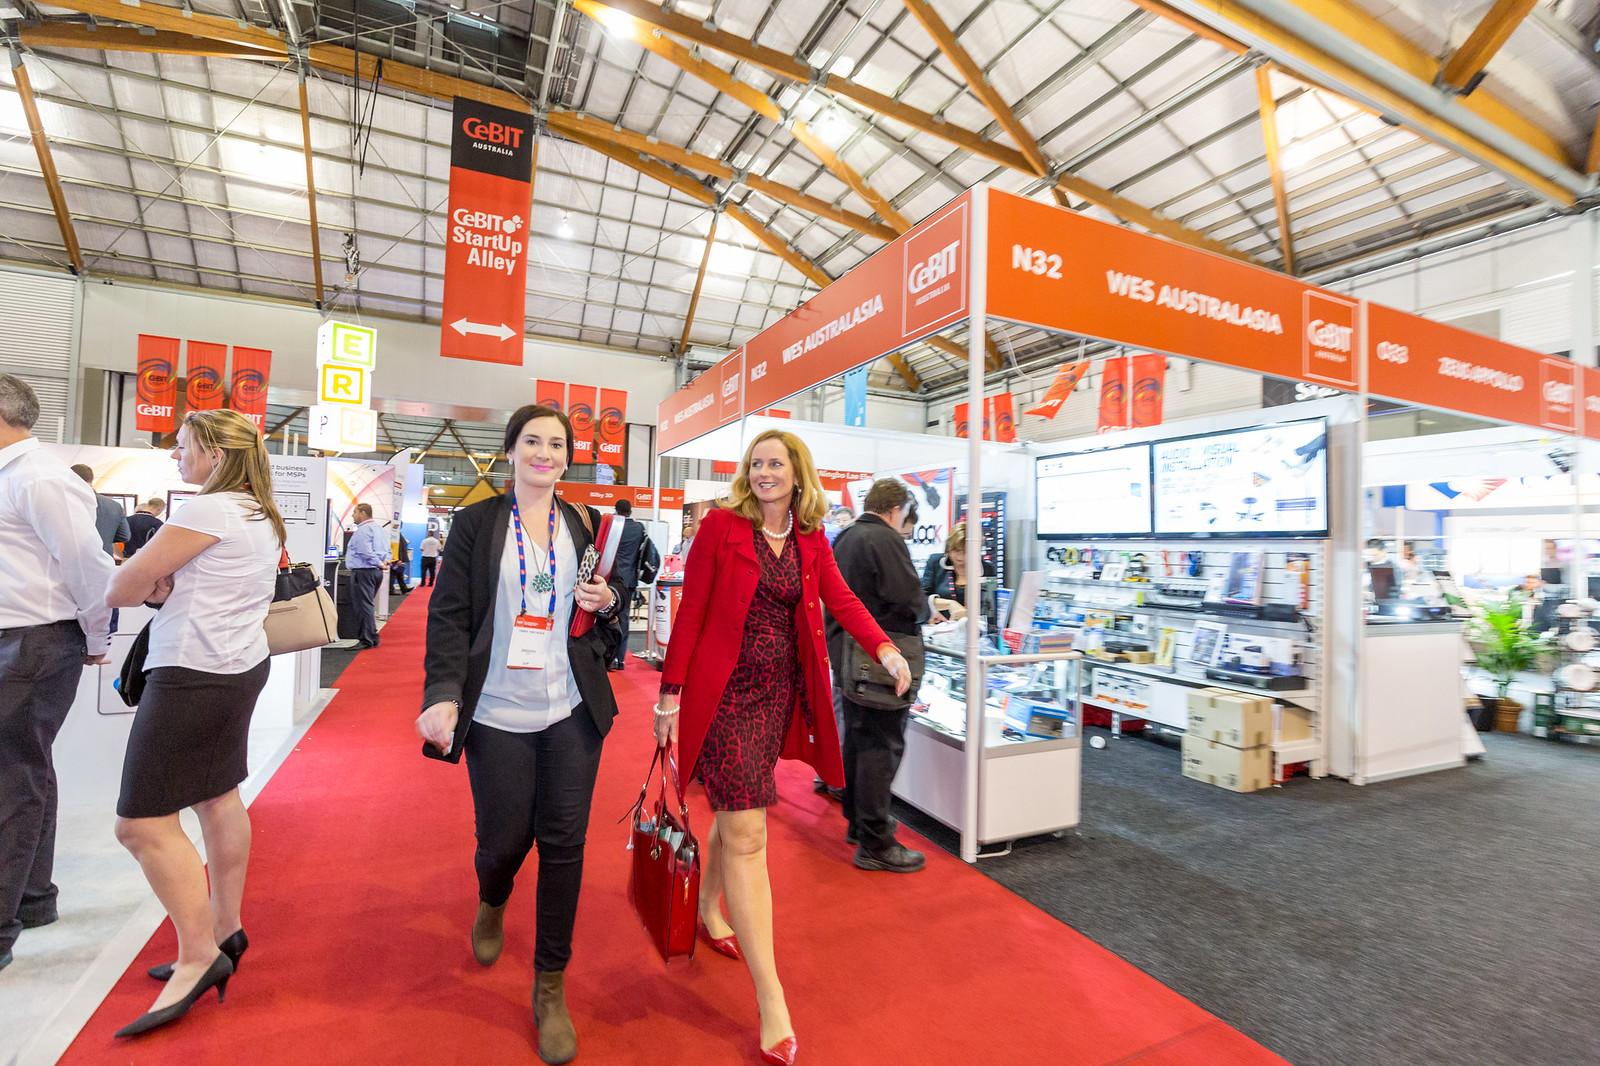 CeBIT Australia Expo